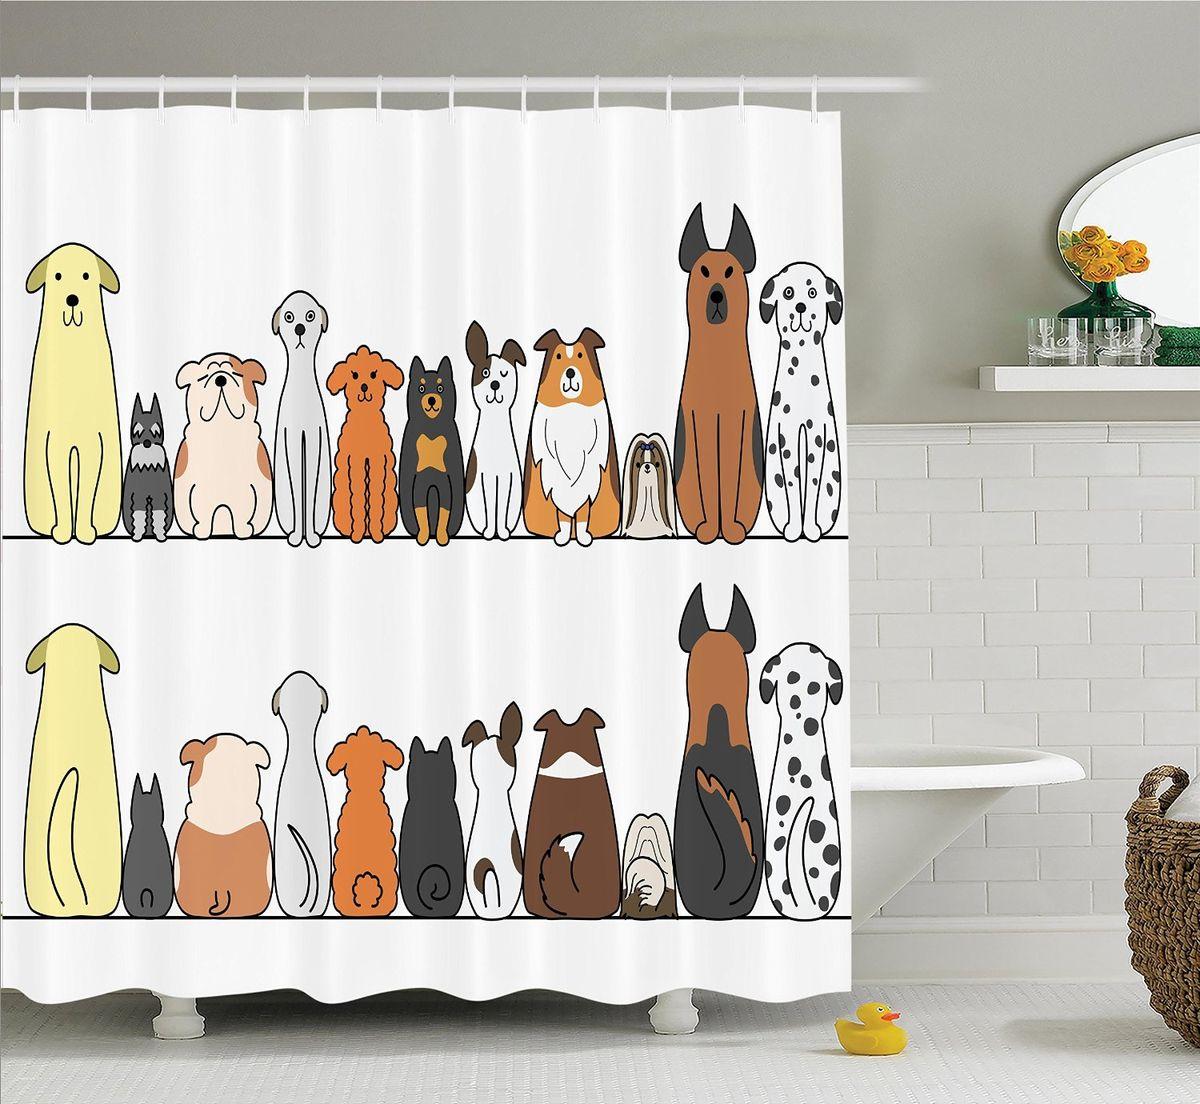 Штора для ванной комнаты Magic Lady Милые собаки, 180 х 200 смшв_14786Штора Magic Lady Милые собаки, изготовленная из высококачественного сатена (полиэстер 100%), отлично дополнит любой интерьер ванной комнаты. При изготовлении используются специальные гипоаллергенные чернила для прямой печати по ткани, безопасные для человека.В комплекте: 1 штора, 12 крючков. Обращаем ваше внимание, фактический цвет изделия может незначительно отличаться от представленного на фото.